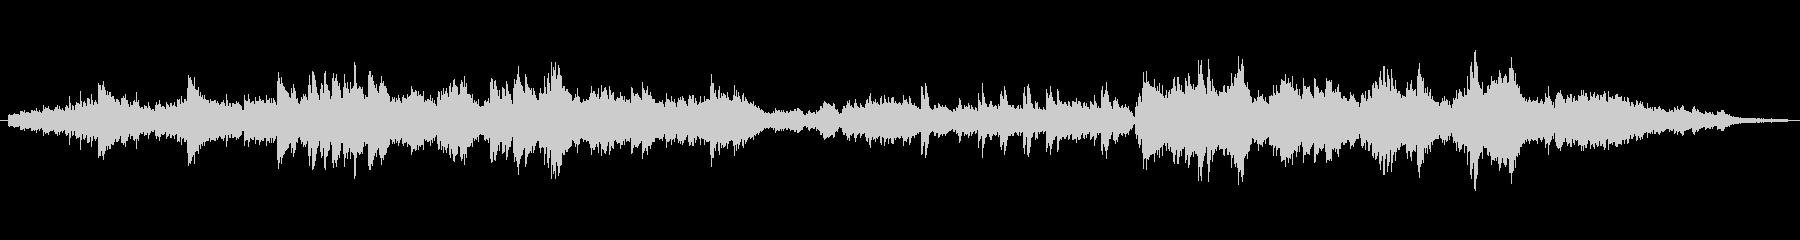 雄大なイメージのオープニング用ピアノソロの未再生の波形